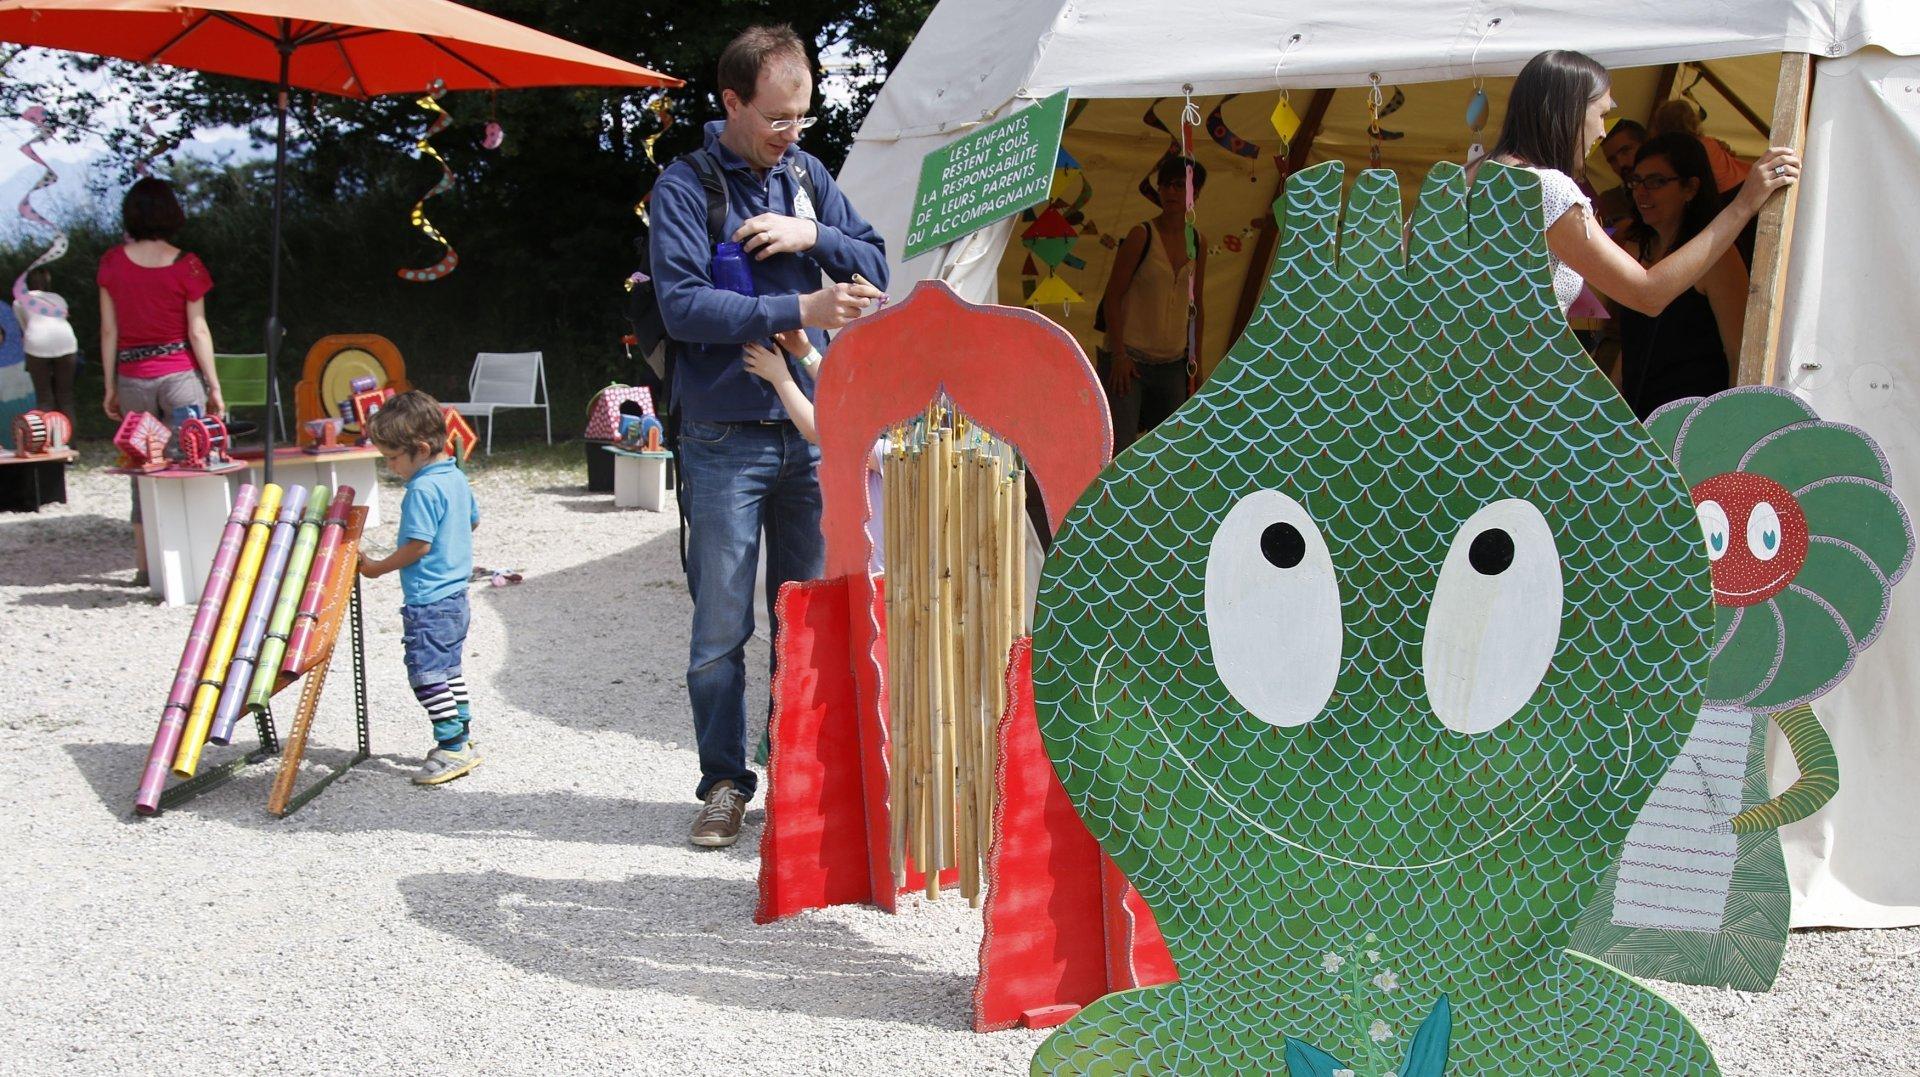 Dans sa version redimensionnée, la manifestation a pu accueillir tout au long du week-end 700 enfants et adultes par demi-journée (photo d'illustration).